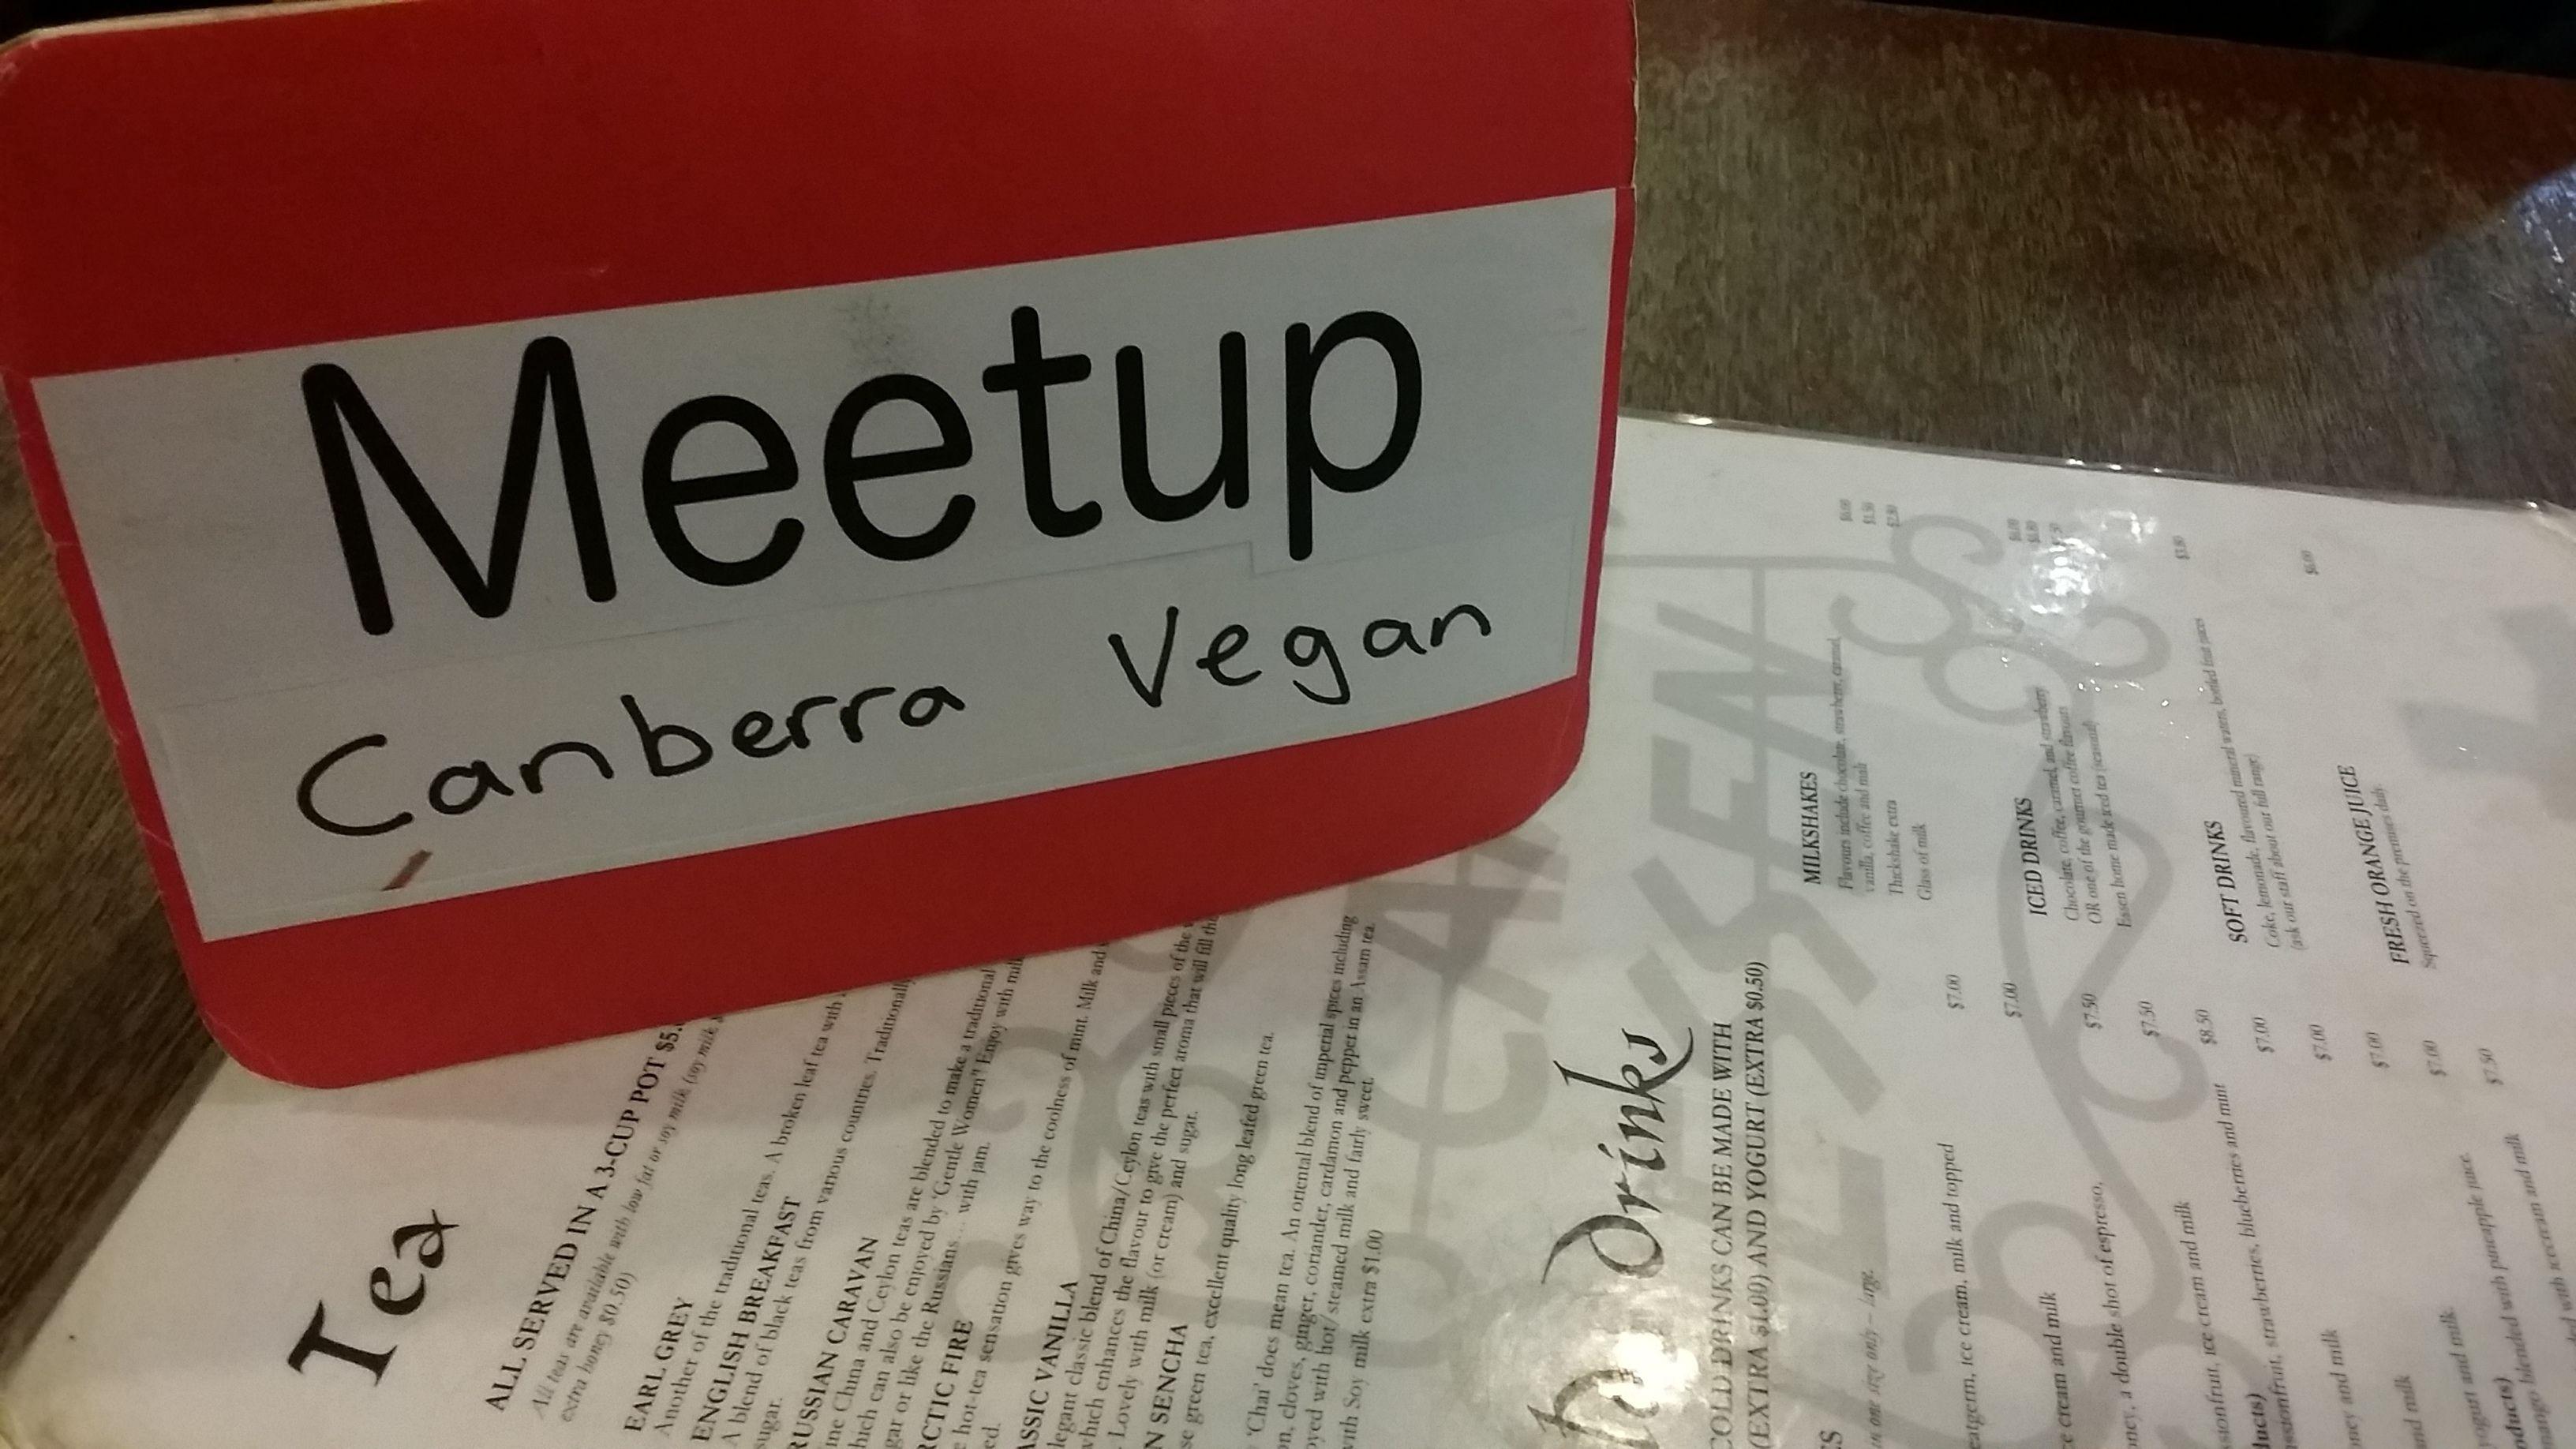 Canberra Vegan Meetup